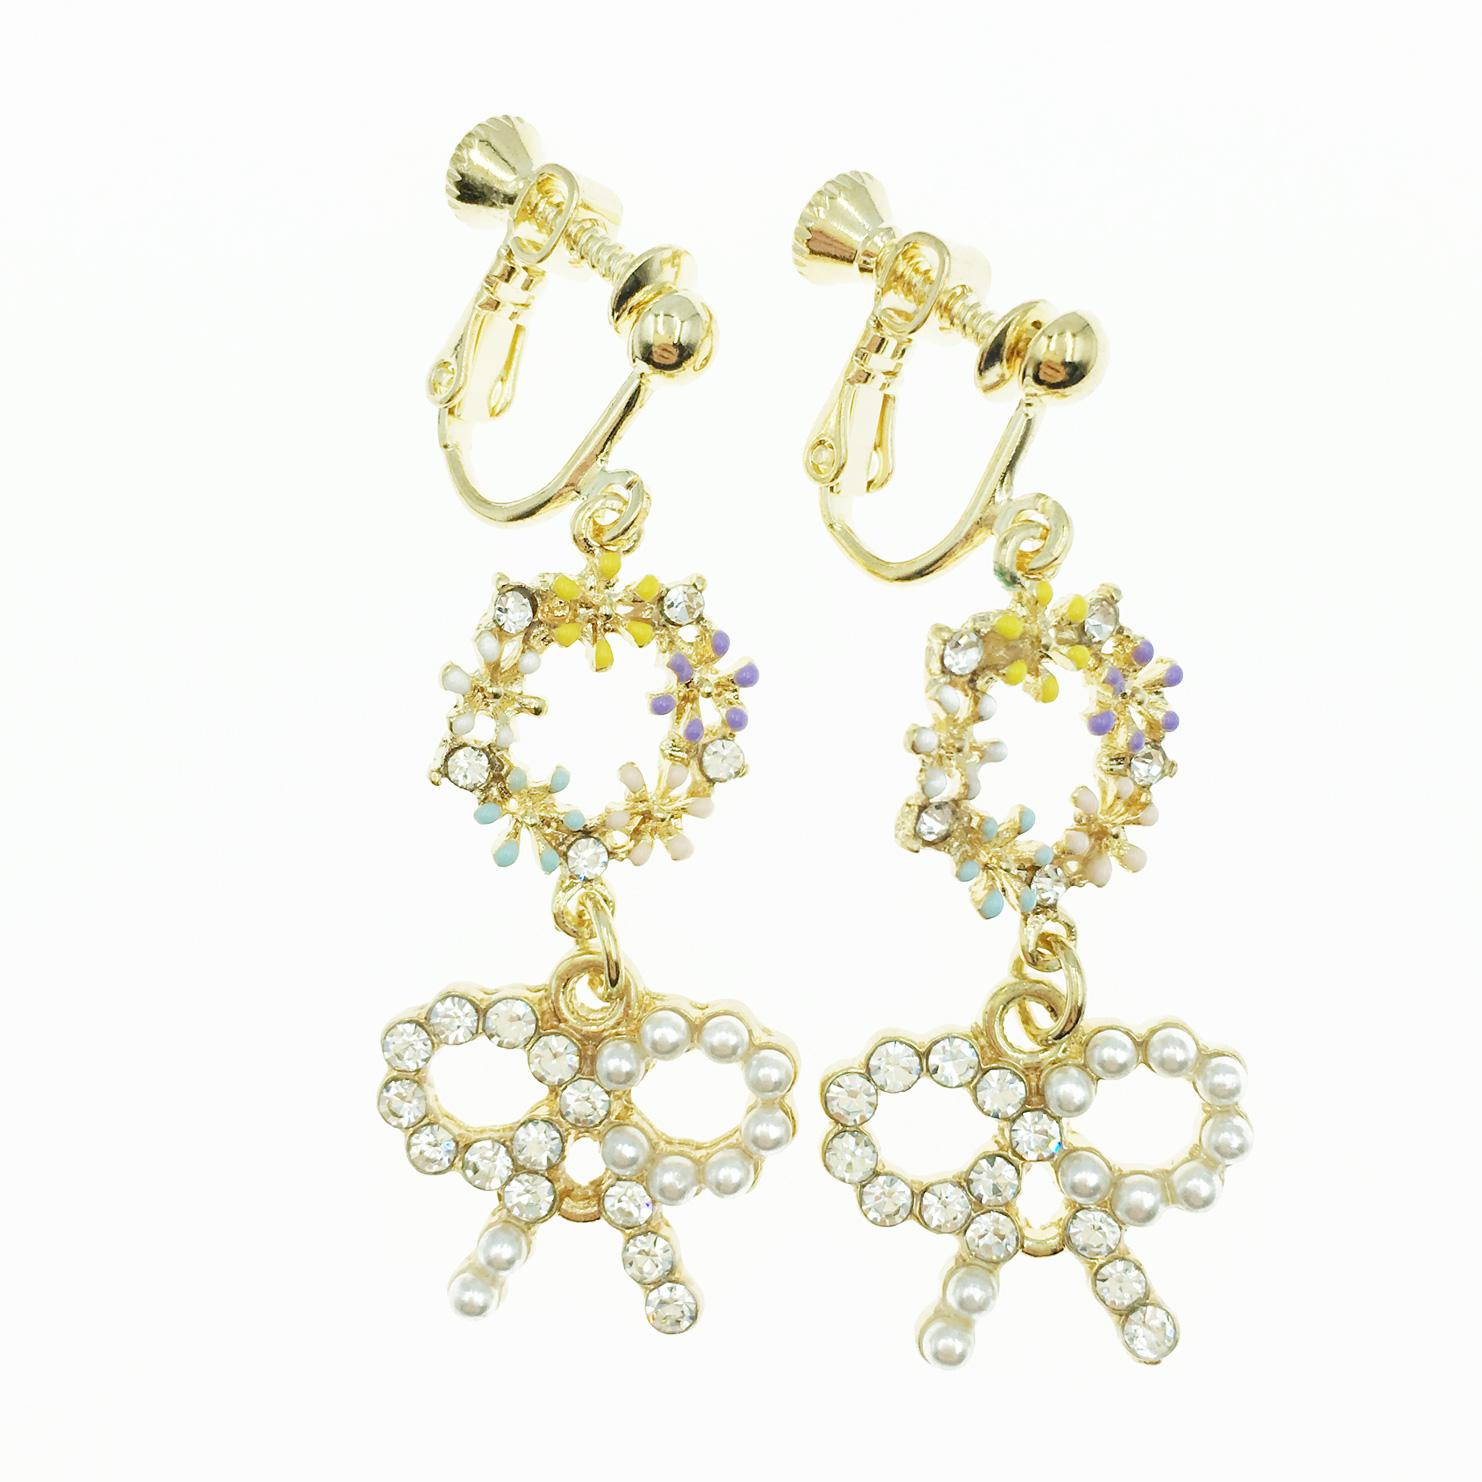 韓國 簍空蝴蝶結 珍珠 水鑽 花圈 甜美款 垂墜感 夾式耳環